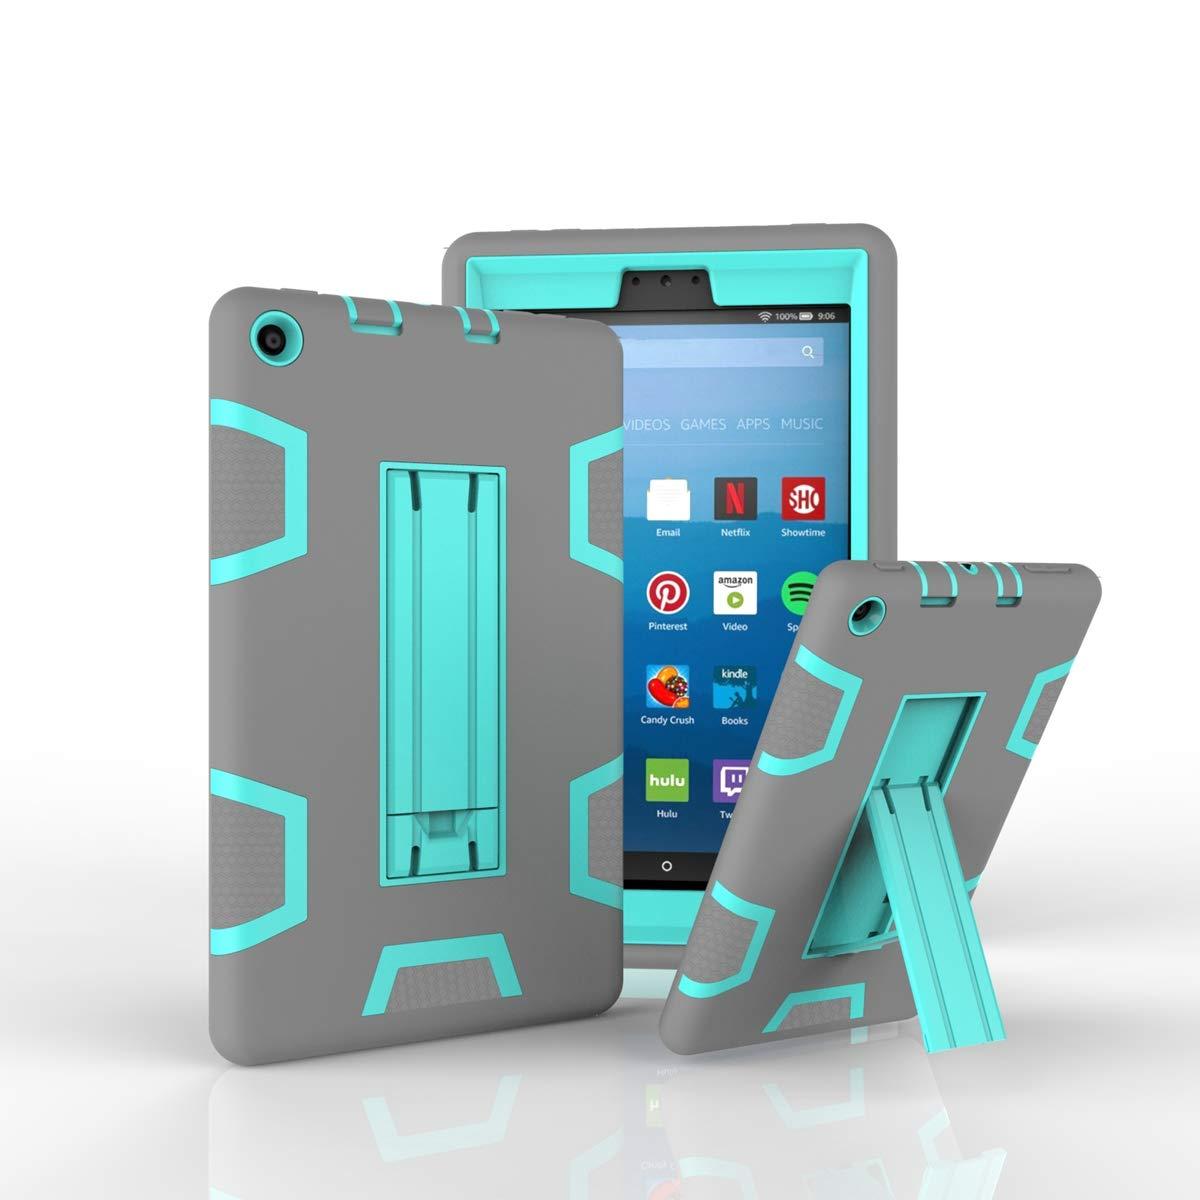 最先端 Happon 02I1-TO-840 Amazon Kindle 8インチ Fire 8インチ 2017ケース Kindle スリム落下保護カバー, 02I1-TO-840 Grey + Aqua B07L4FDF9G, アショログン:7740eac1 --- a0267596.xsph.ru